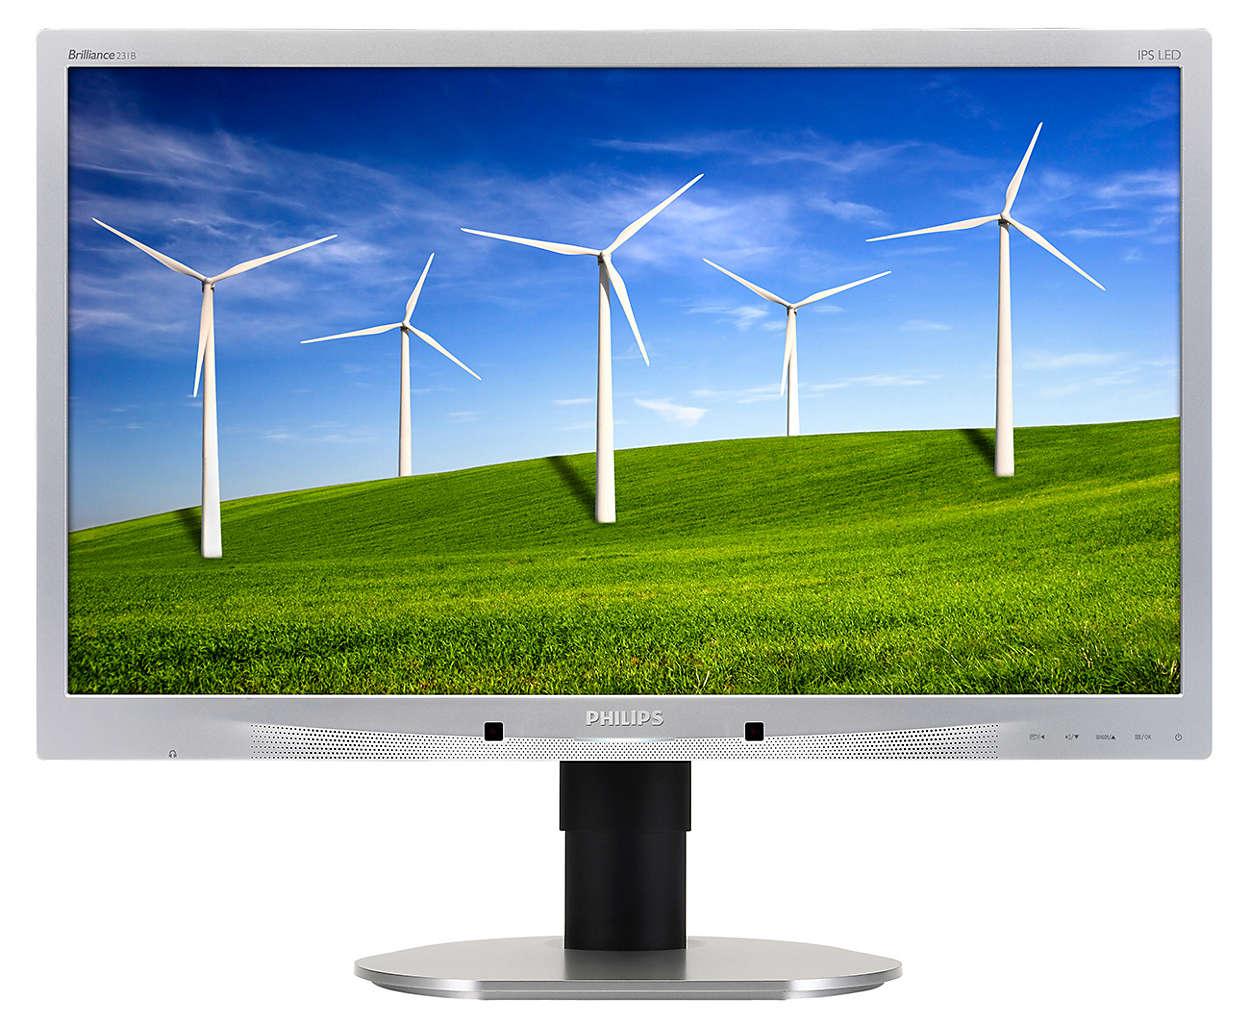 Efektywność energetyczna i wyraźny obraz